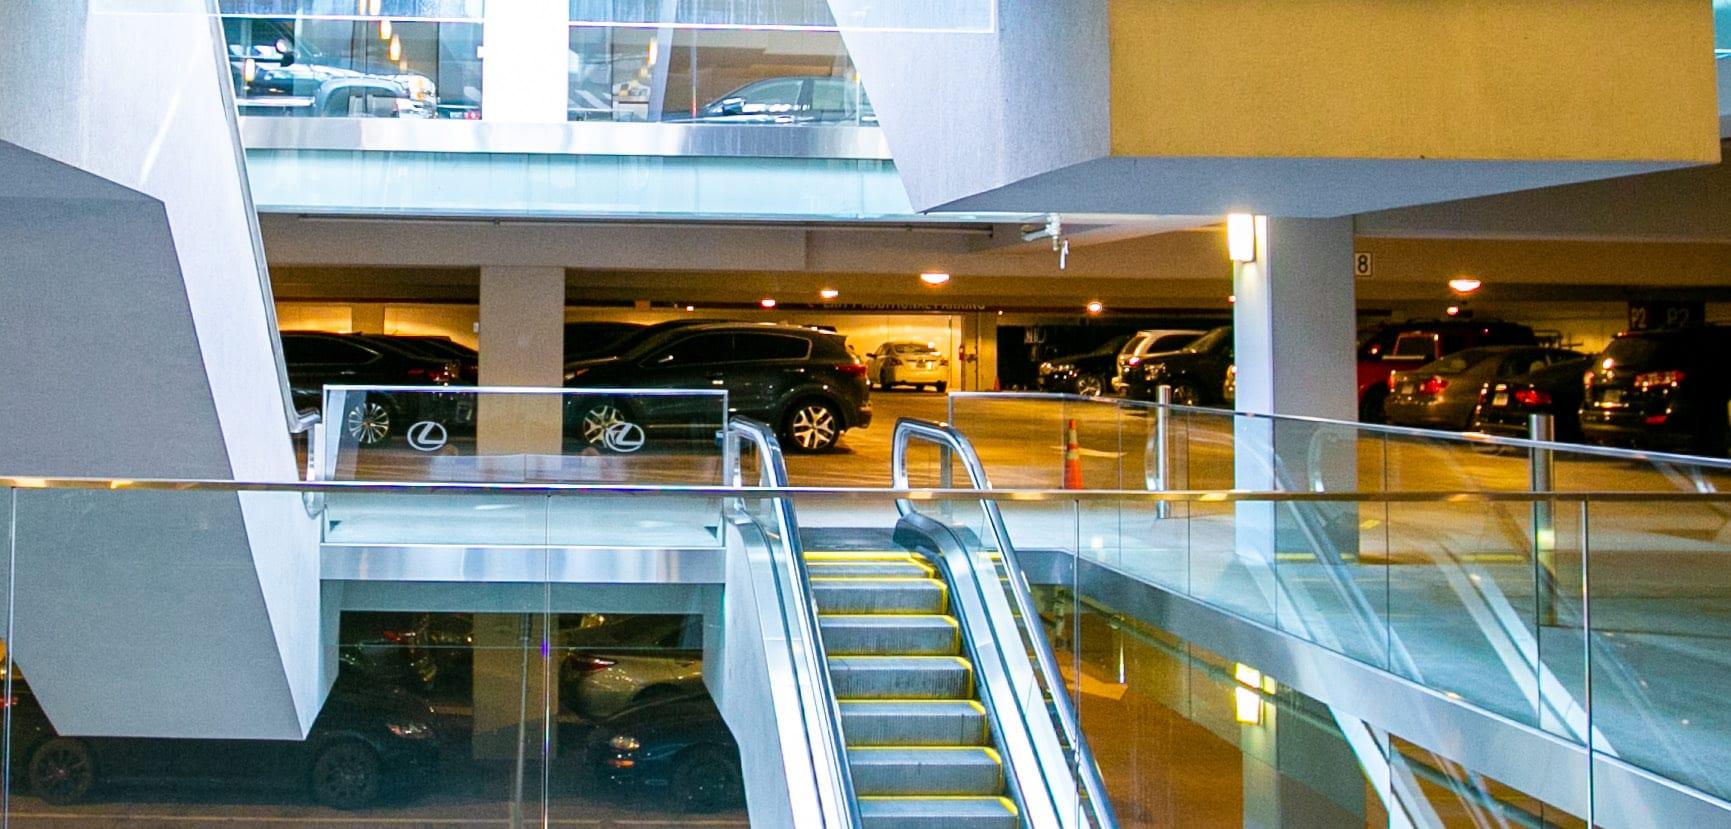 Transit Oriented Development Parking